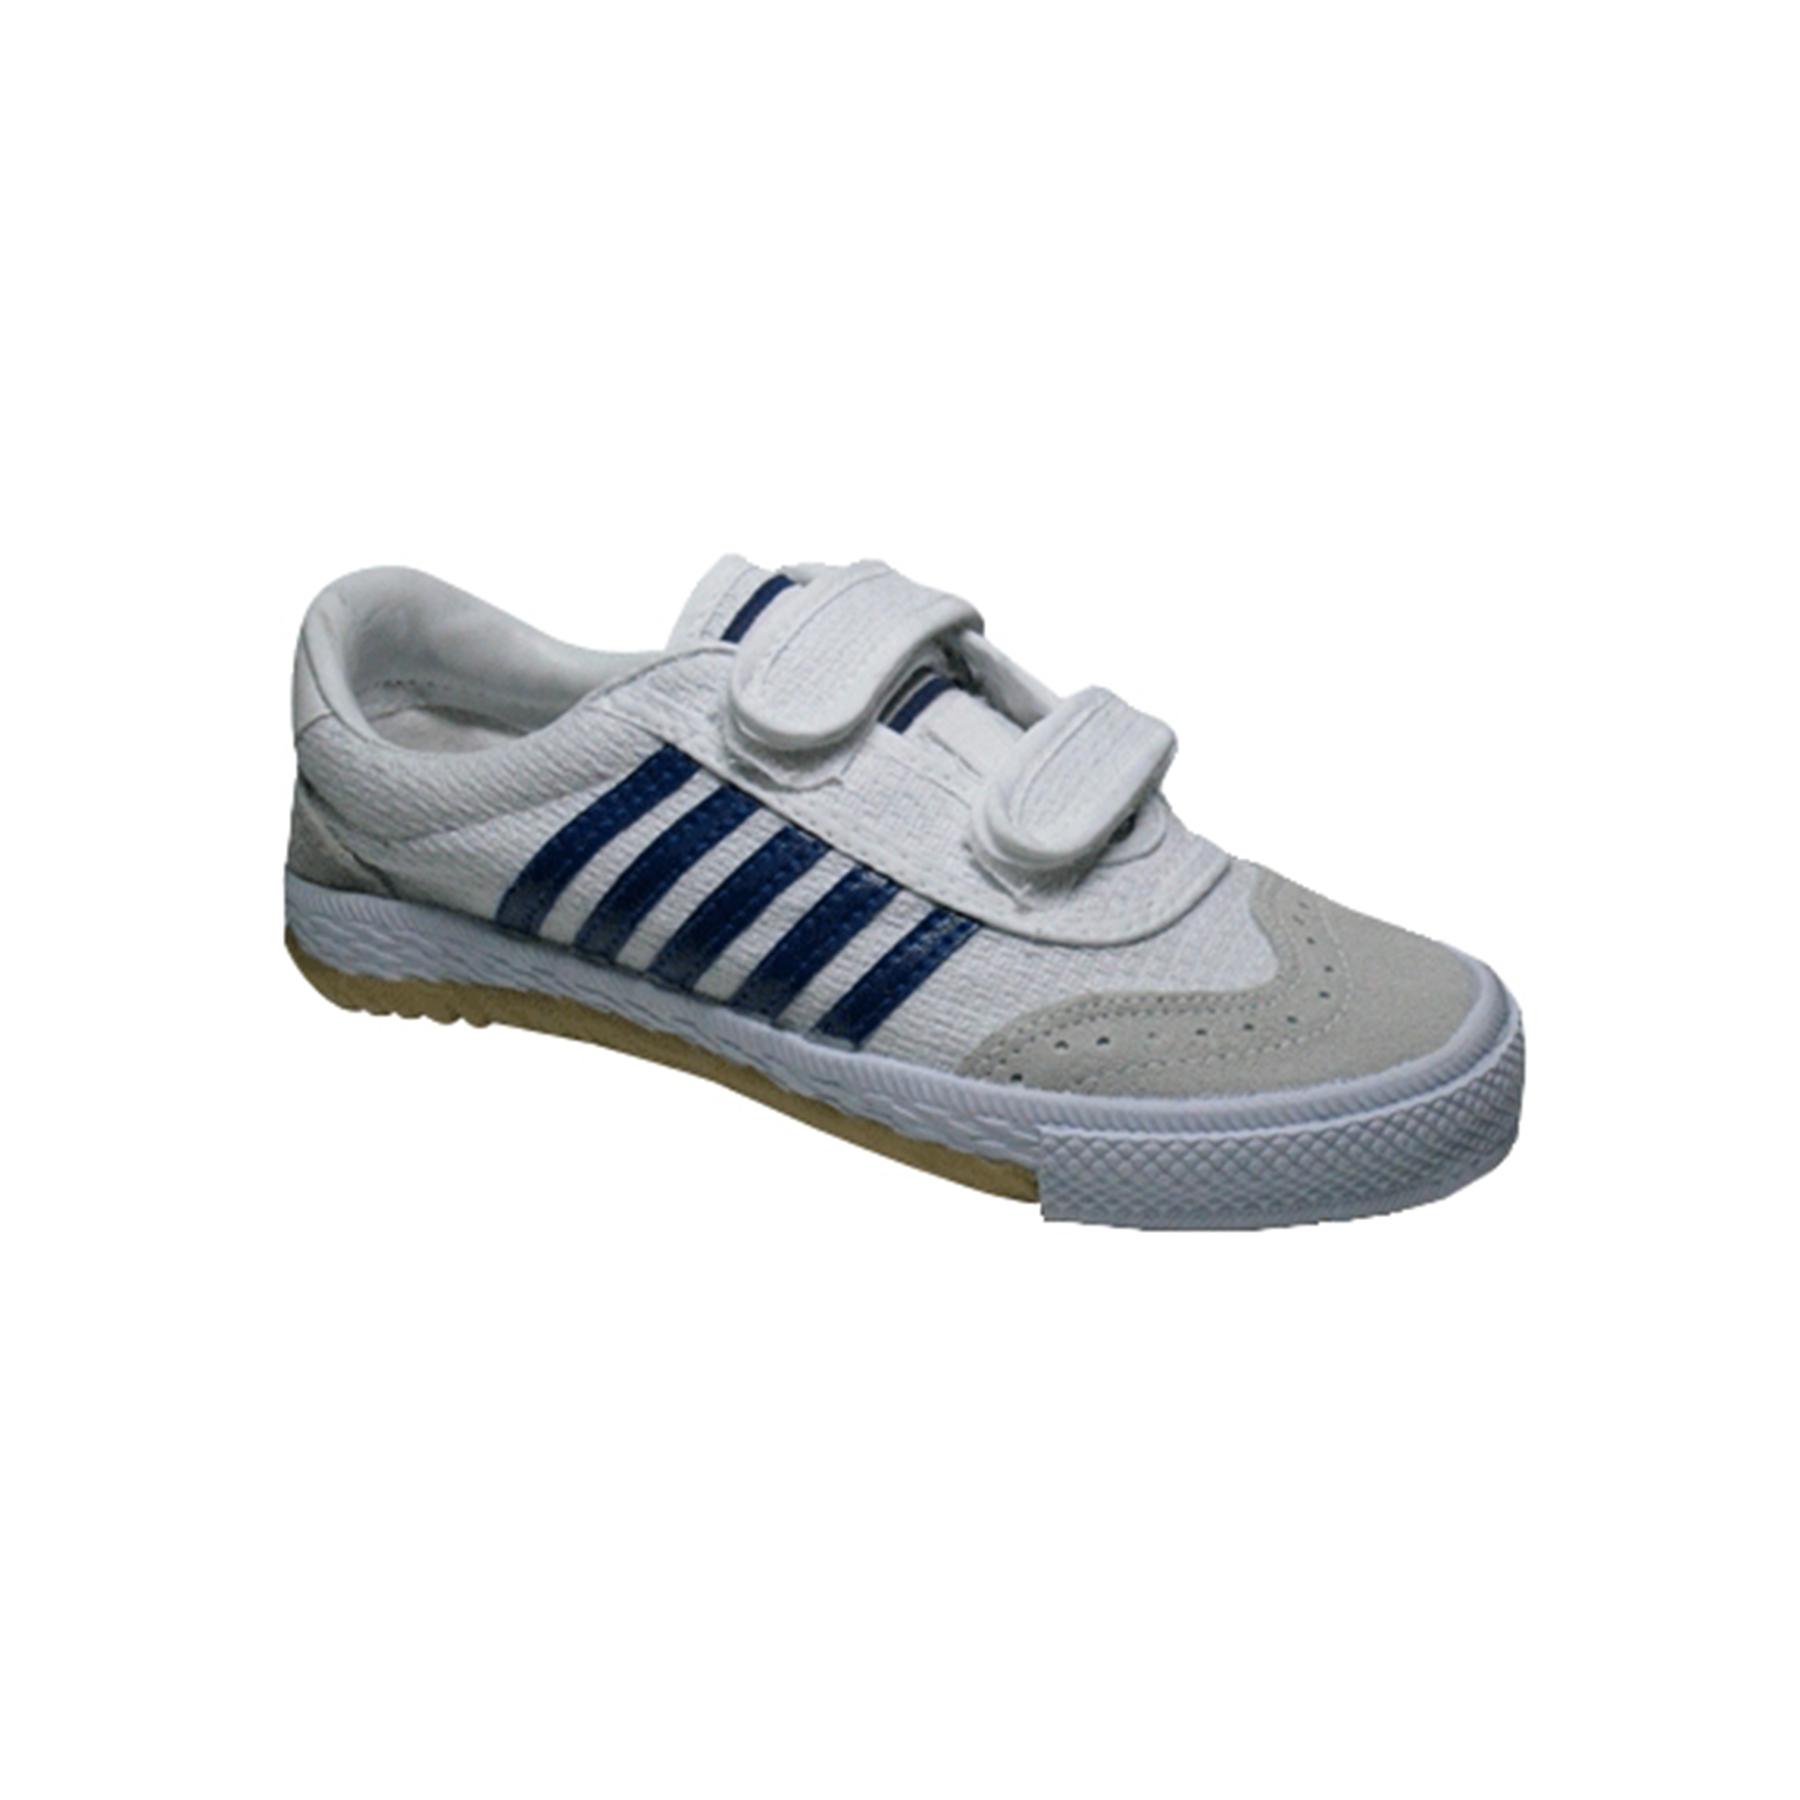 Обувь спорт. Trien  А 120-17 Т белая с синим на липах р. 37 АКЦИЯ!